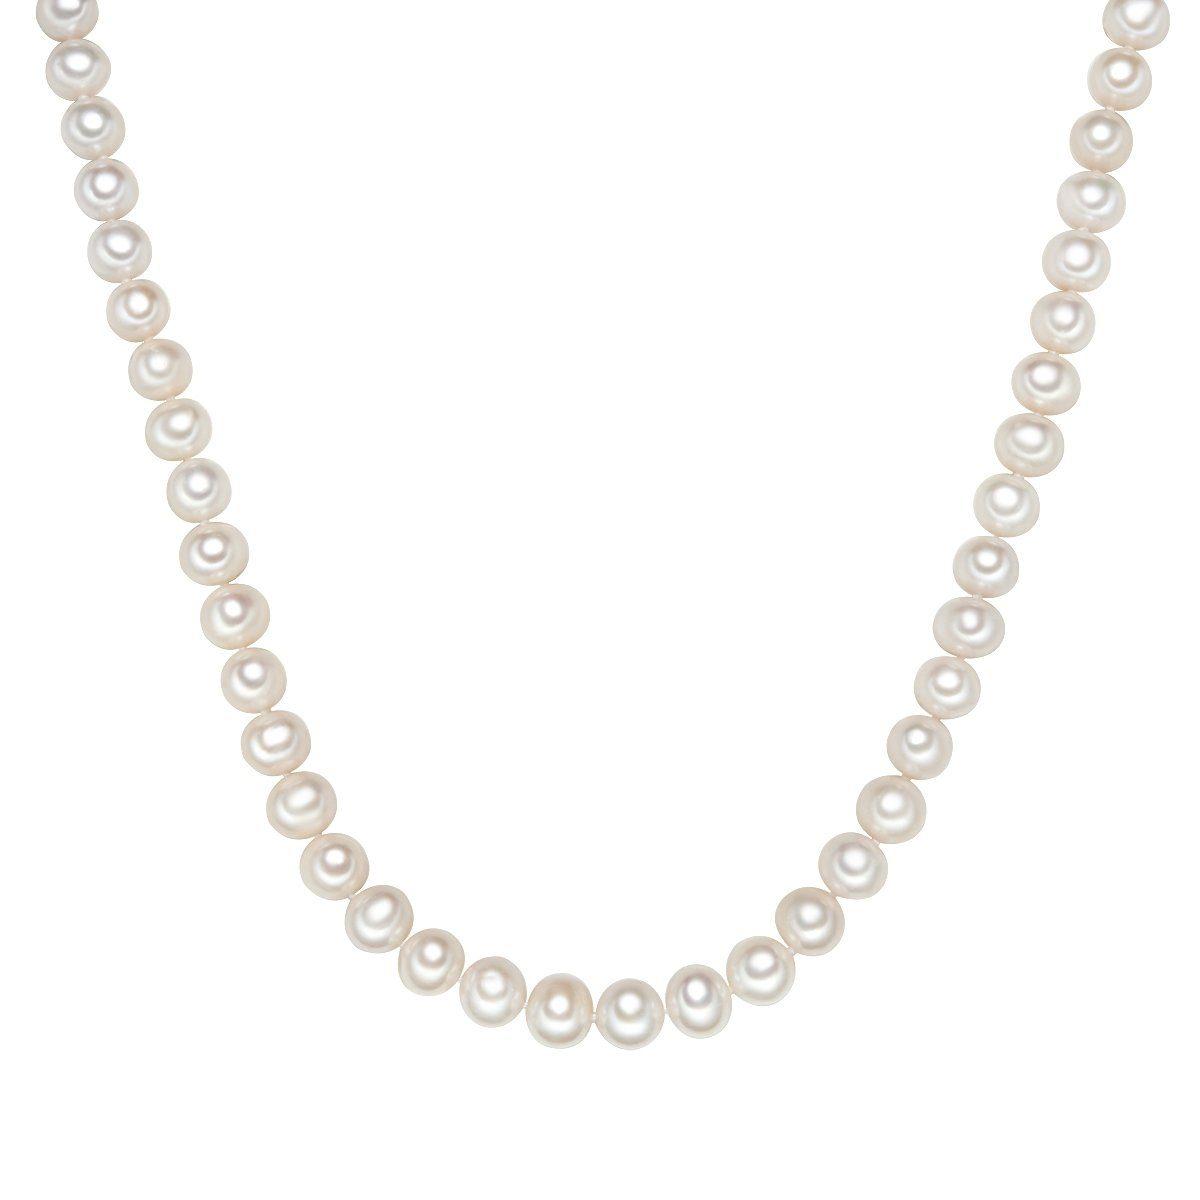 Valero Pearls Perlenkette X120 | Schmuck > Halsketten > Perlenketten | Valero Pearls